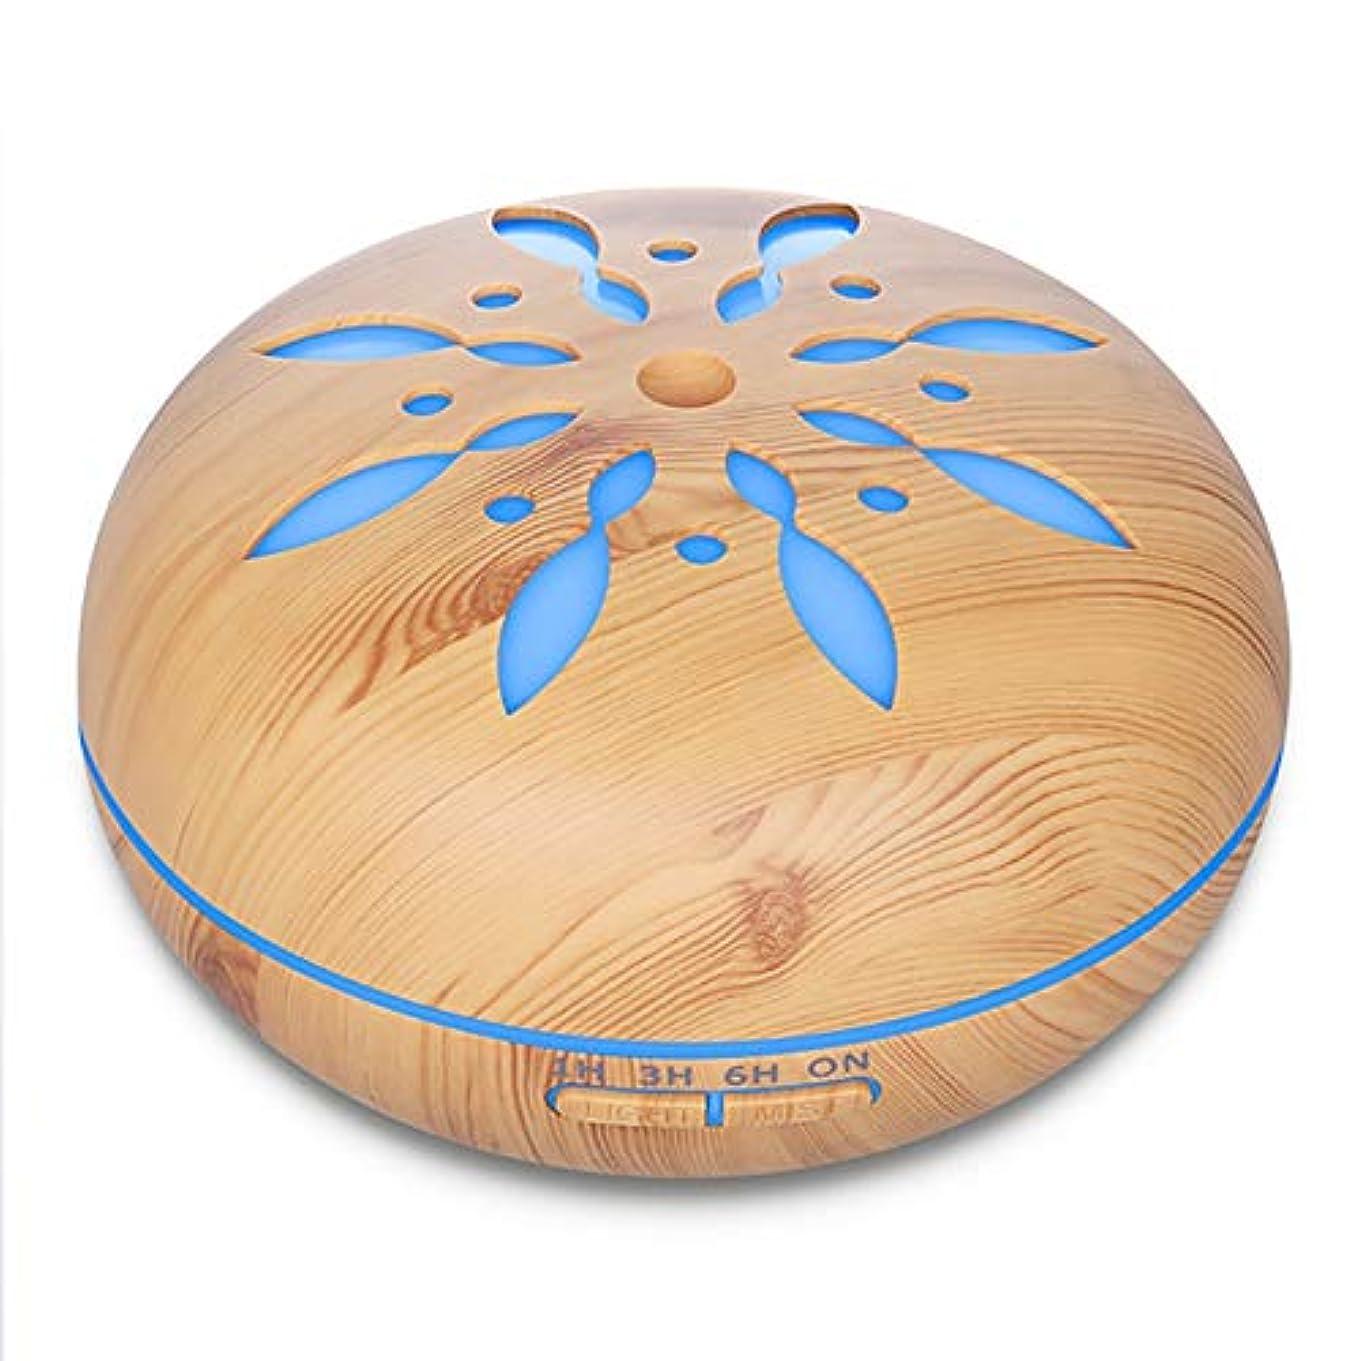 凍結未接続落胆するアロマセラピー超音波加湿器300ml エッセンシャルオイルディフューザー7色 LED 4 タイマー空気清浄ベビー加湿器ホームオフィスベビーベッドルーム